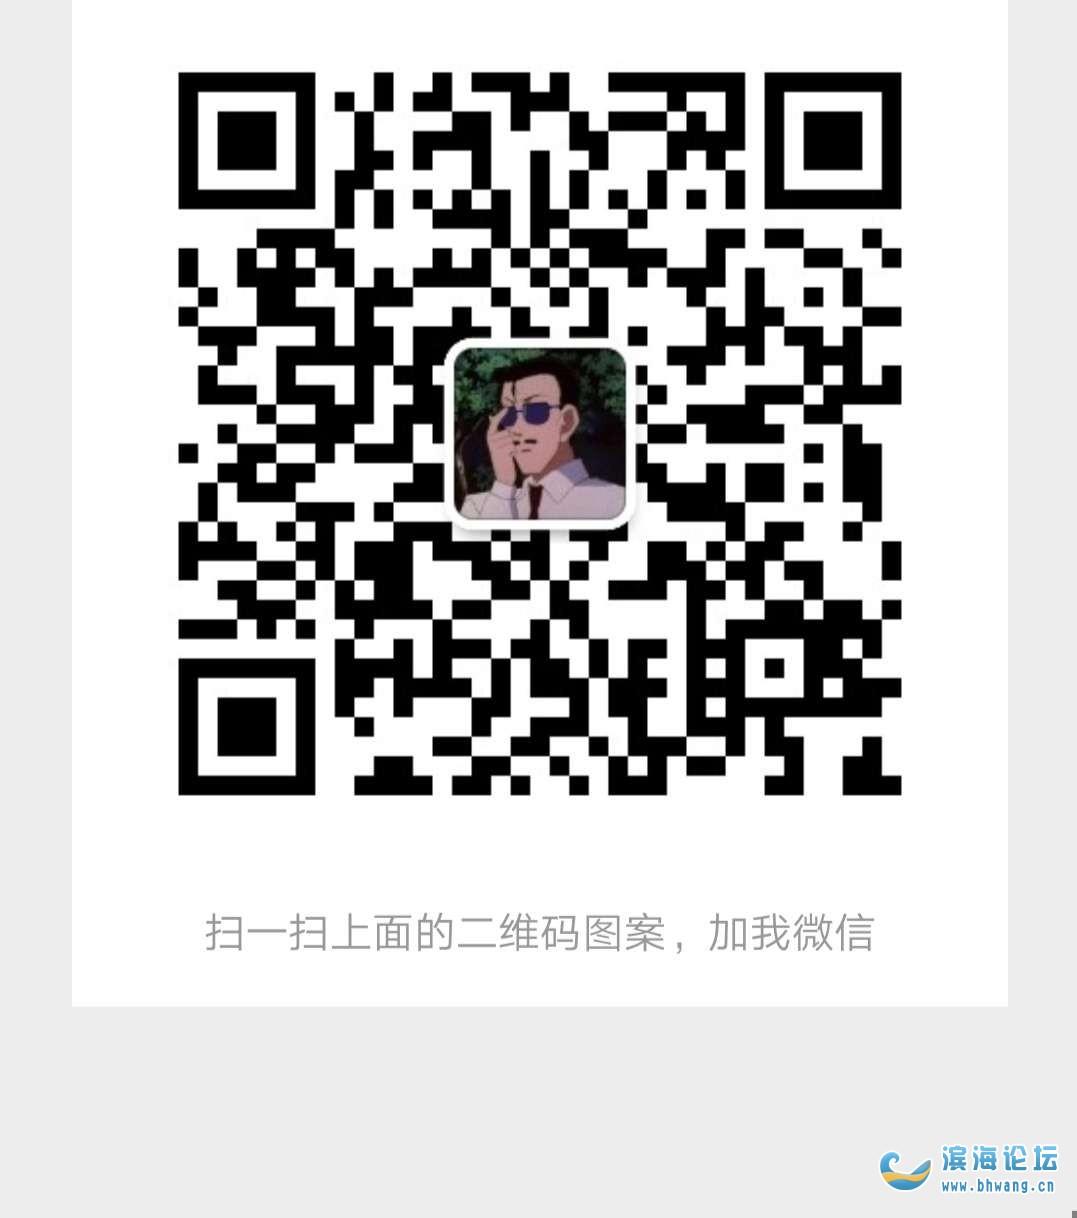 20191108_699794_1573218523183.jpg